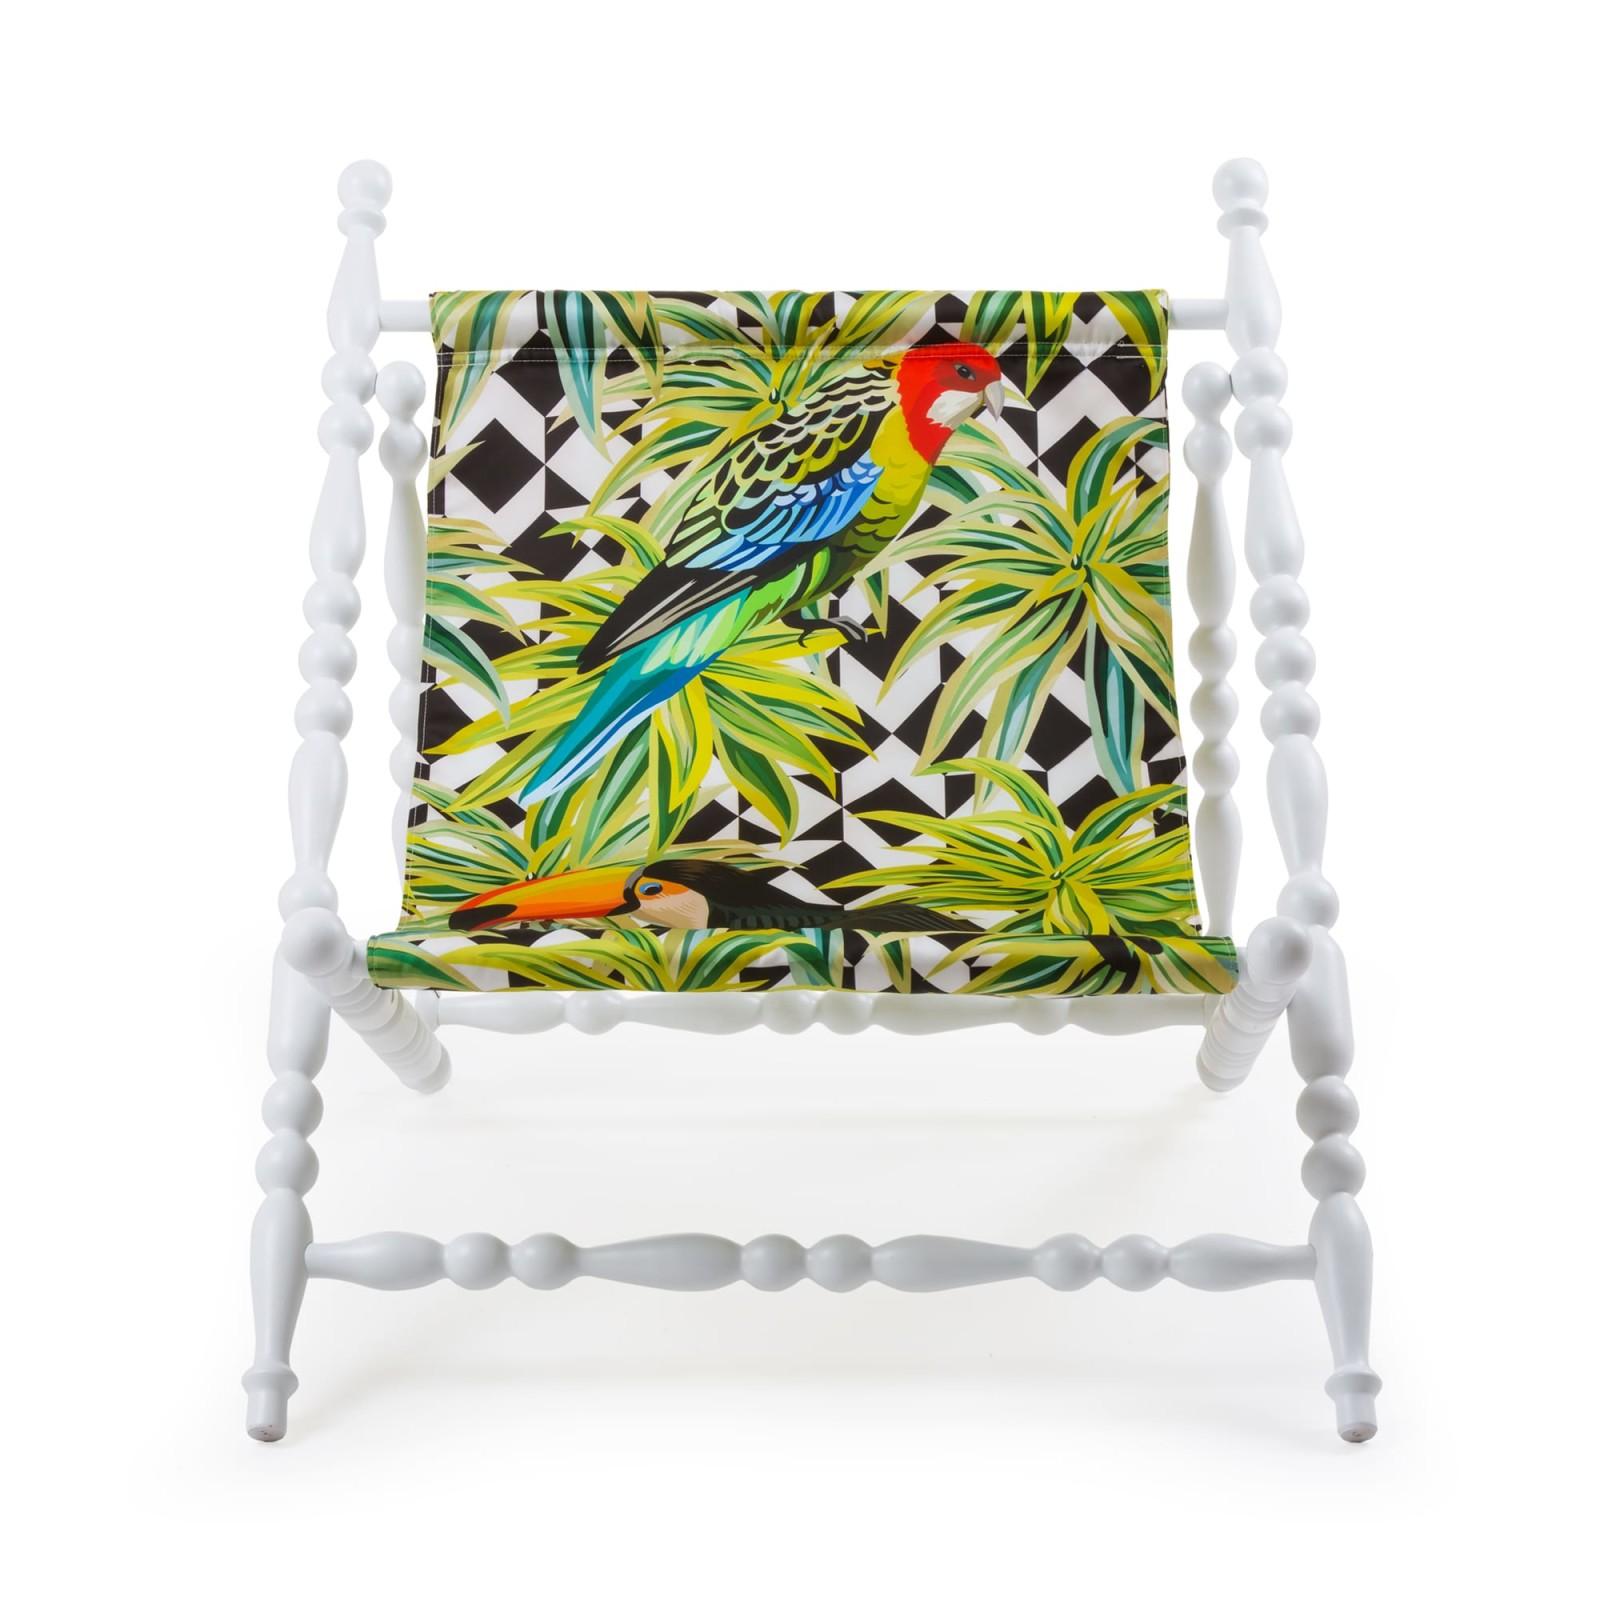 Heritage Foldable Deckchair White base, Parrots